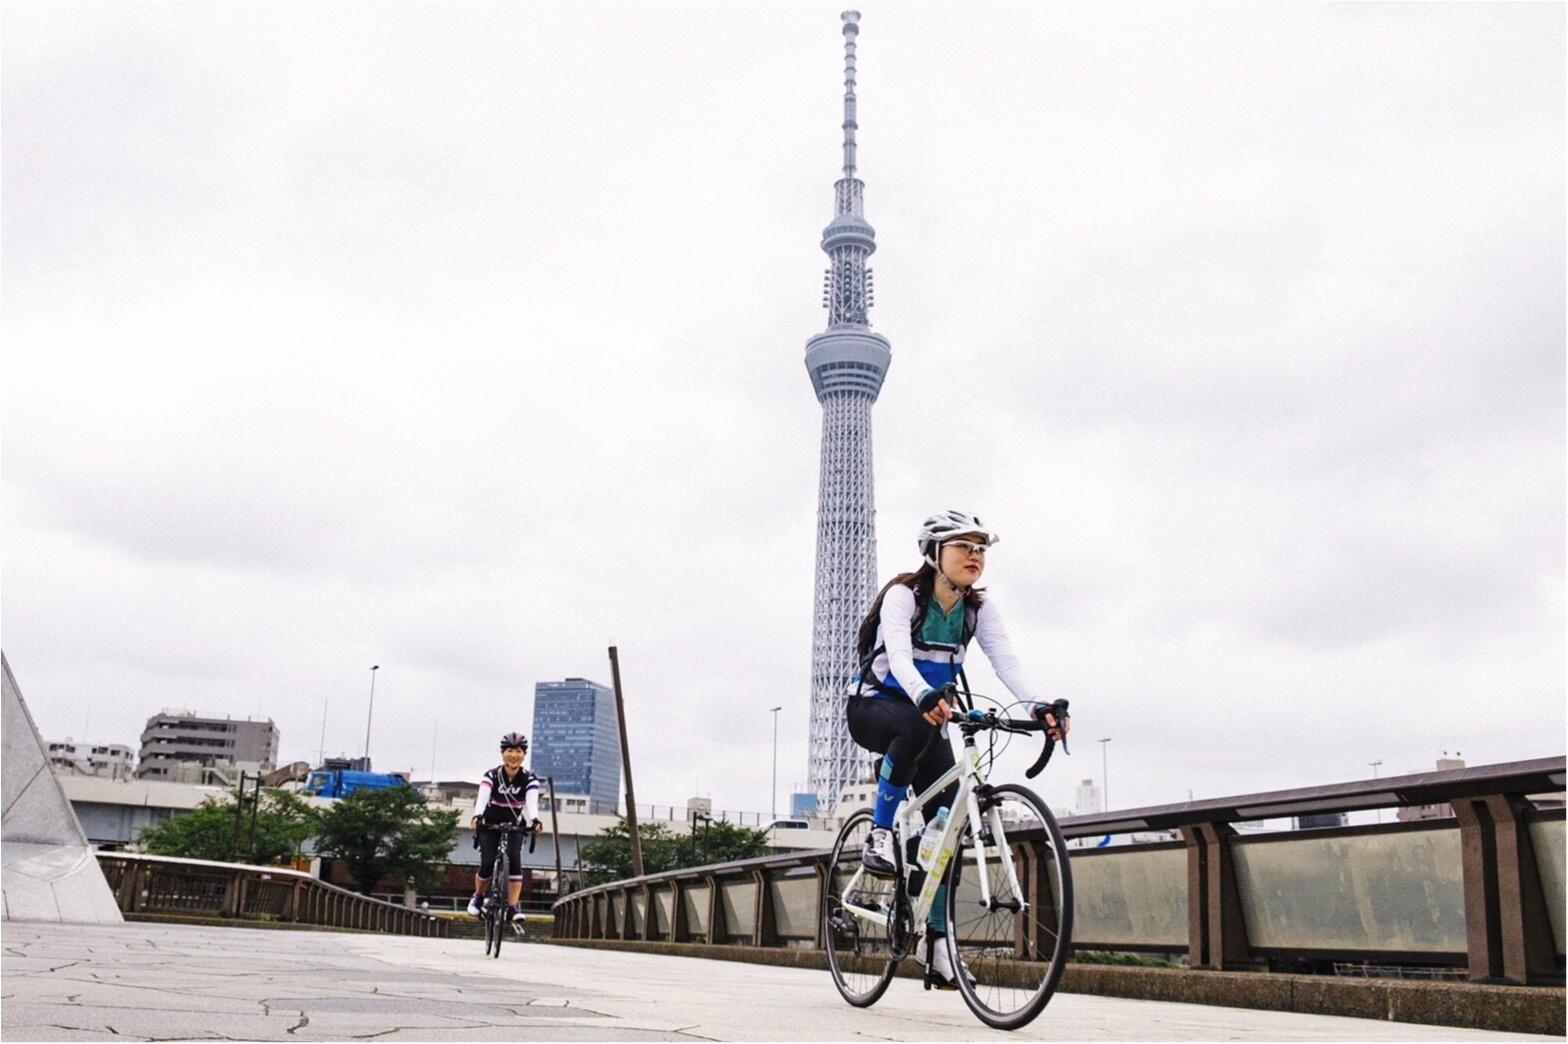 自転車で東京下町めぐり♡築地〜浅草〜東京スカイツリーまで!穴場グルメ&フォトスポットをご紹介♪ #ツール・ド・東北【#モアチャレ さえ】_1